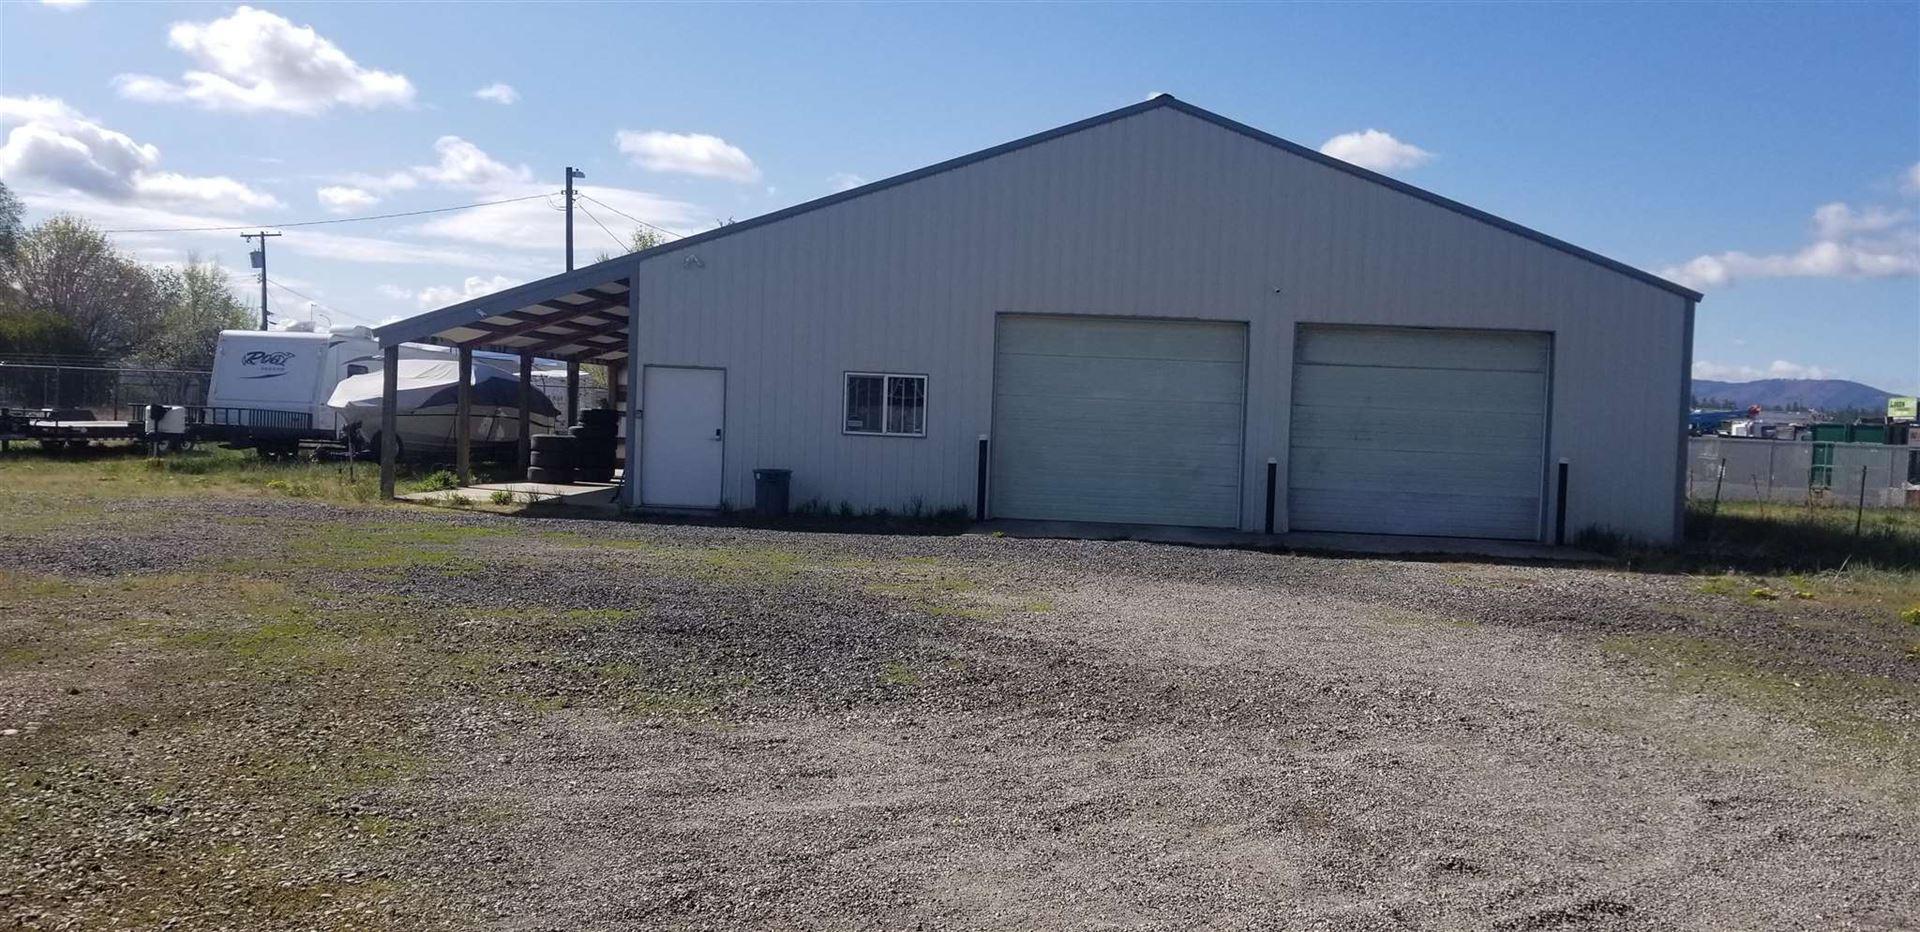 13622 E Rich Ave, Spokane, WA 99216 - #: 202114612